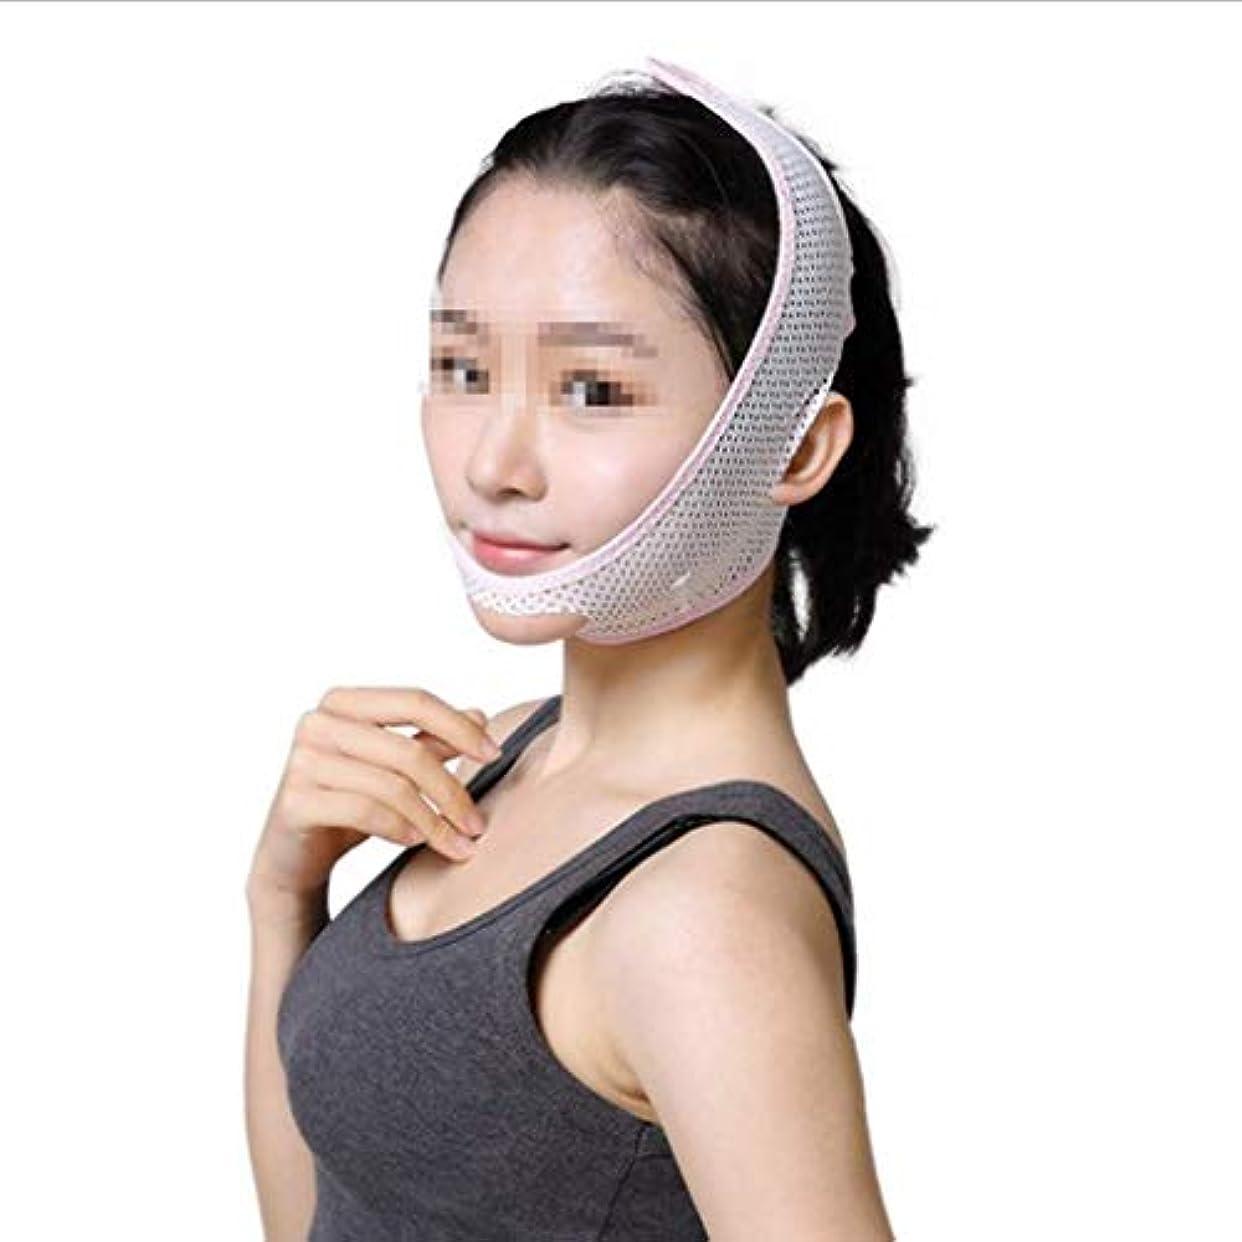 二十グレー可塑性超薄型通気性フェイスマスク、包帯Vフェイスマスクフェイスリフティングファーミングダブルチンシンフェイスベルト(サイズ:M),ザ?